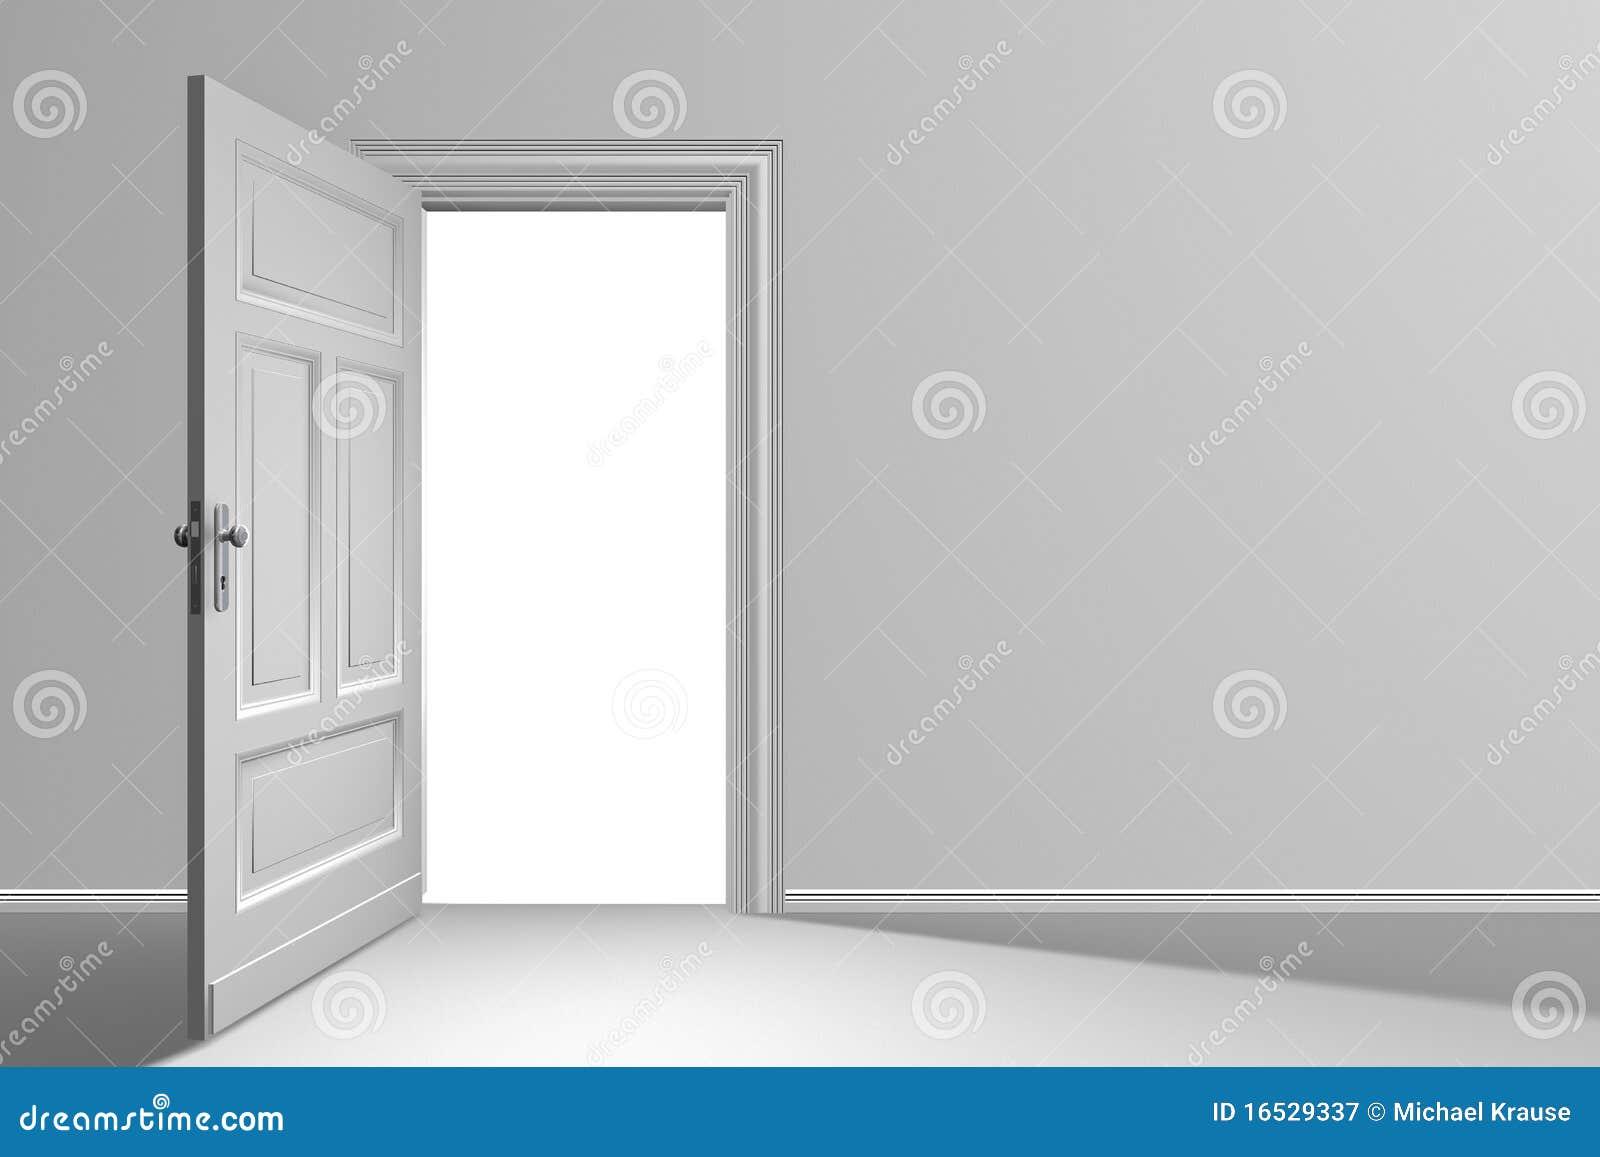 Tür geöffnet